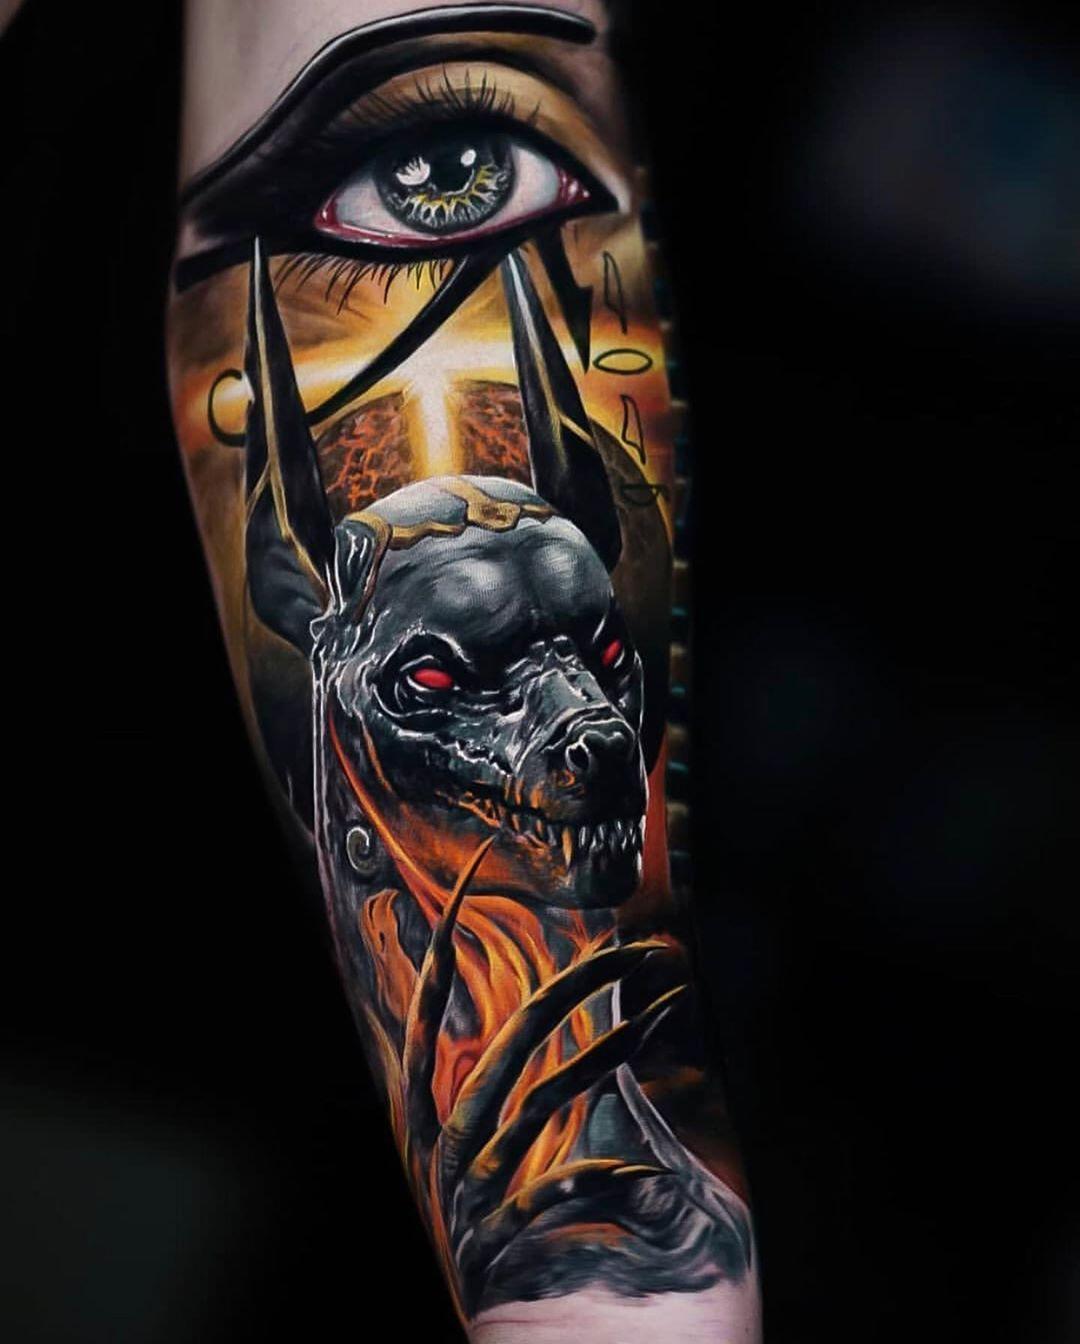 Tattoo Art By Ata Ink Anubis Anubistattoo Tattoo Tattoos Realistic Realistictattoo Tattoolife In Anubis Tattoo Egyptian Tattoo Egyptian Tattoo Sleeve